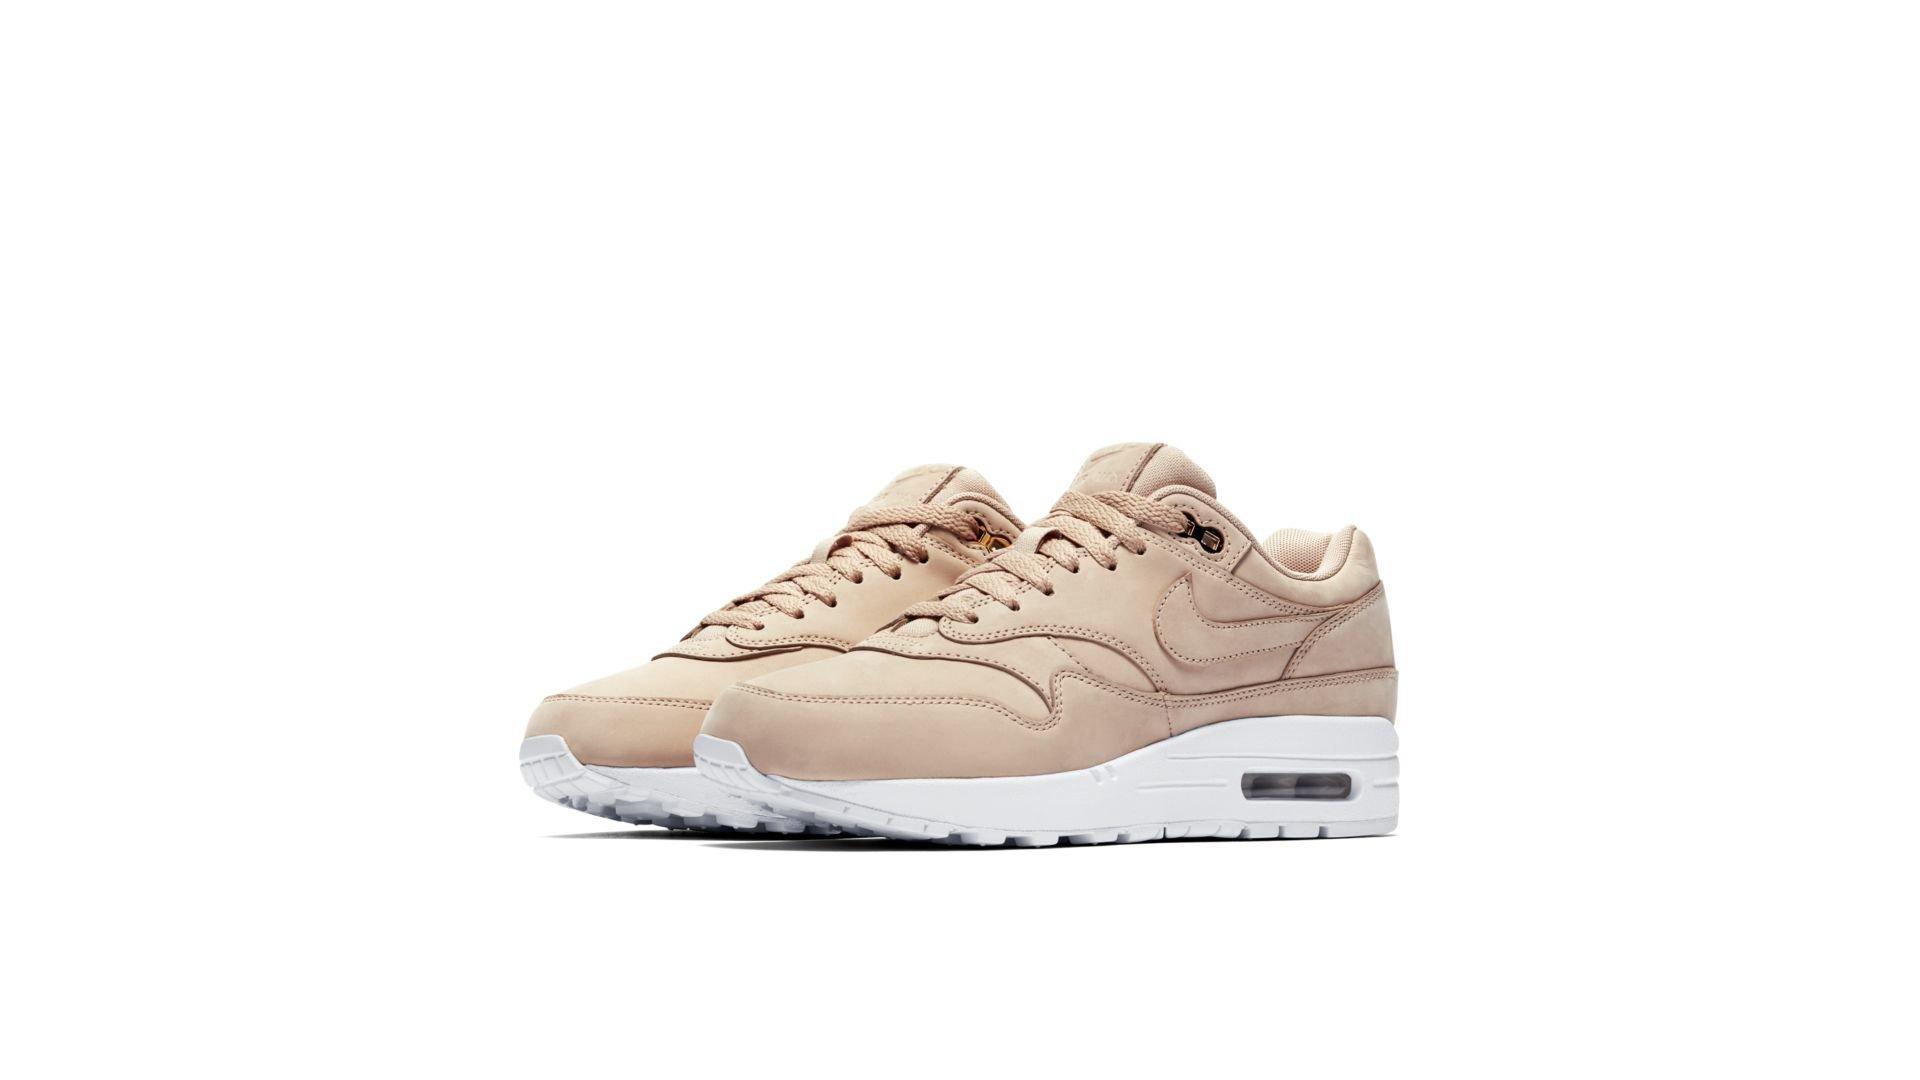 Nike Air Max 1 Premium 454746-207